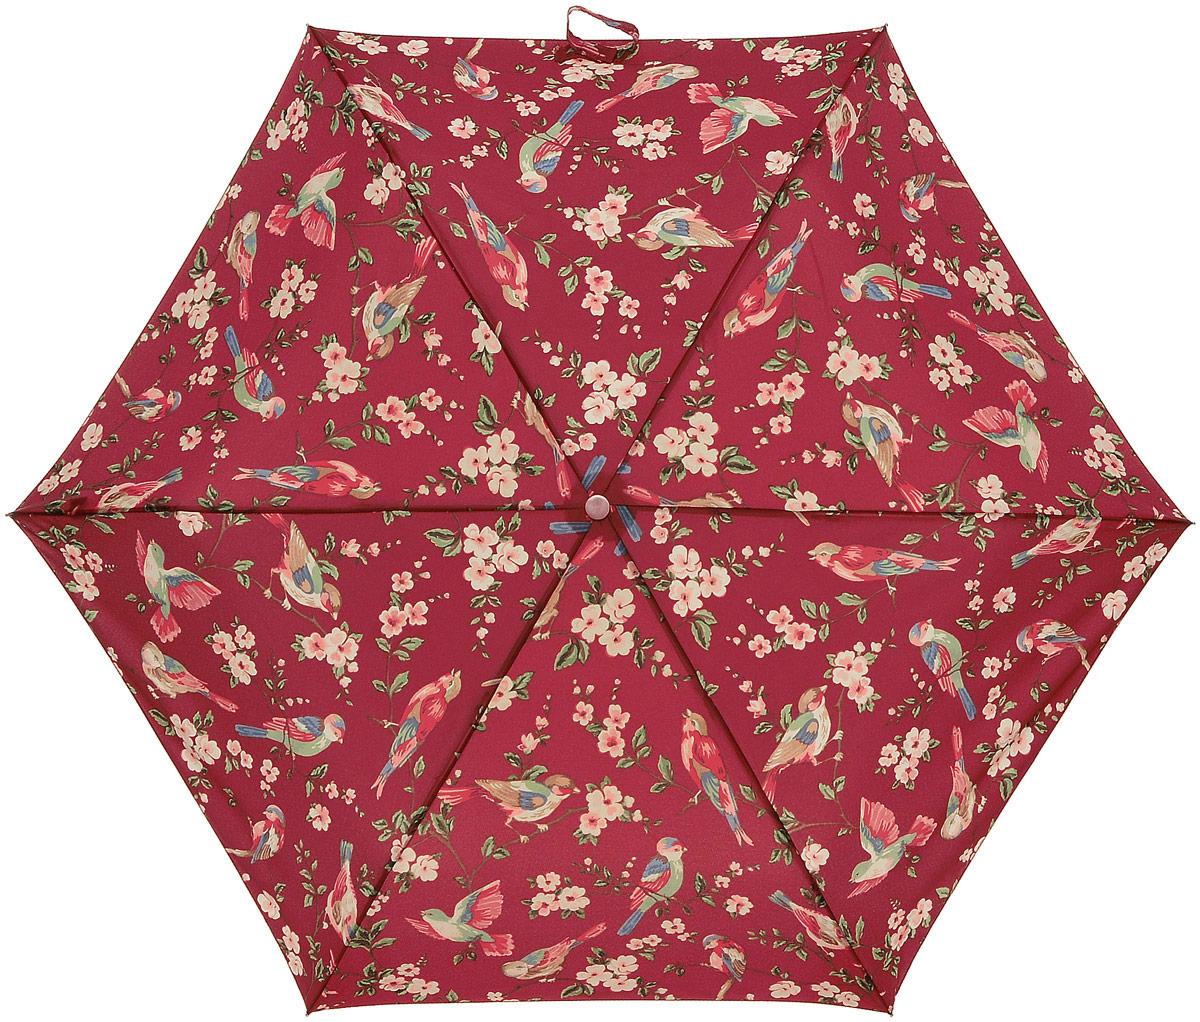 Зонт женский Cath Kidston Minilite, механический, 3 сложения, цвет: темно-красный, мультиколор. L768-3065L768-3065 BritishBirdsBerryСтильный механический зонт Cath Kidston Minilite в 3 сложения даже в ненастную погоду позволит вам оставаться элегантной. Облегченный каркас зонта выполнен из 8 спиц из фибергласса и алюминия, стержень также изготовлен из алюминия, удобная рукоятка - из пластика. Купол зонта выполнен из прочного полиэстера. В закрытом виде застегивается хлястиком на липучке. Яркий оригинальный принт в виде изображения цветов и птиц поднимет настроение в дождливый день. Зонт механического сложения: купол открывается и закрывается вручную до характерного щелчка. На рукоятке для удобства есть небольшой шнурок, позволяющий надеть зонт на руку тогда, когда это будет необходимо. К зонту прилагается чехол с небольшой нашивкой с названием бренда. Oaeie зонт компактно располагается в кармане, сумочке, дверке автомобиля.